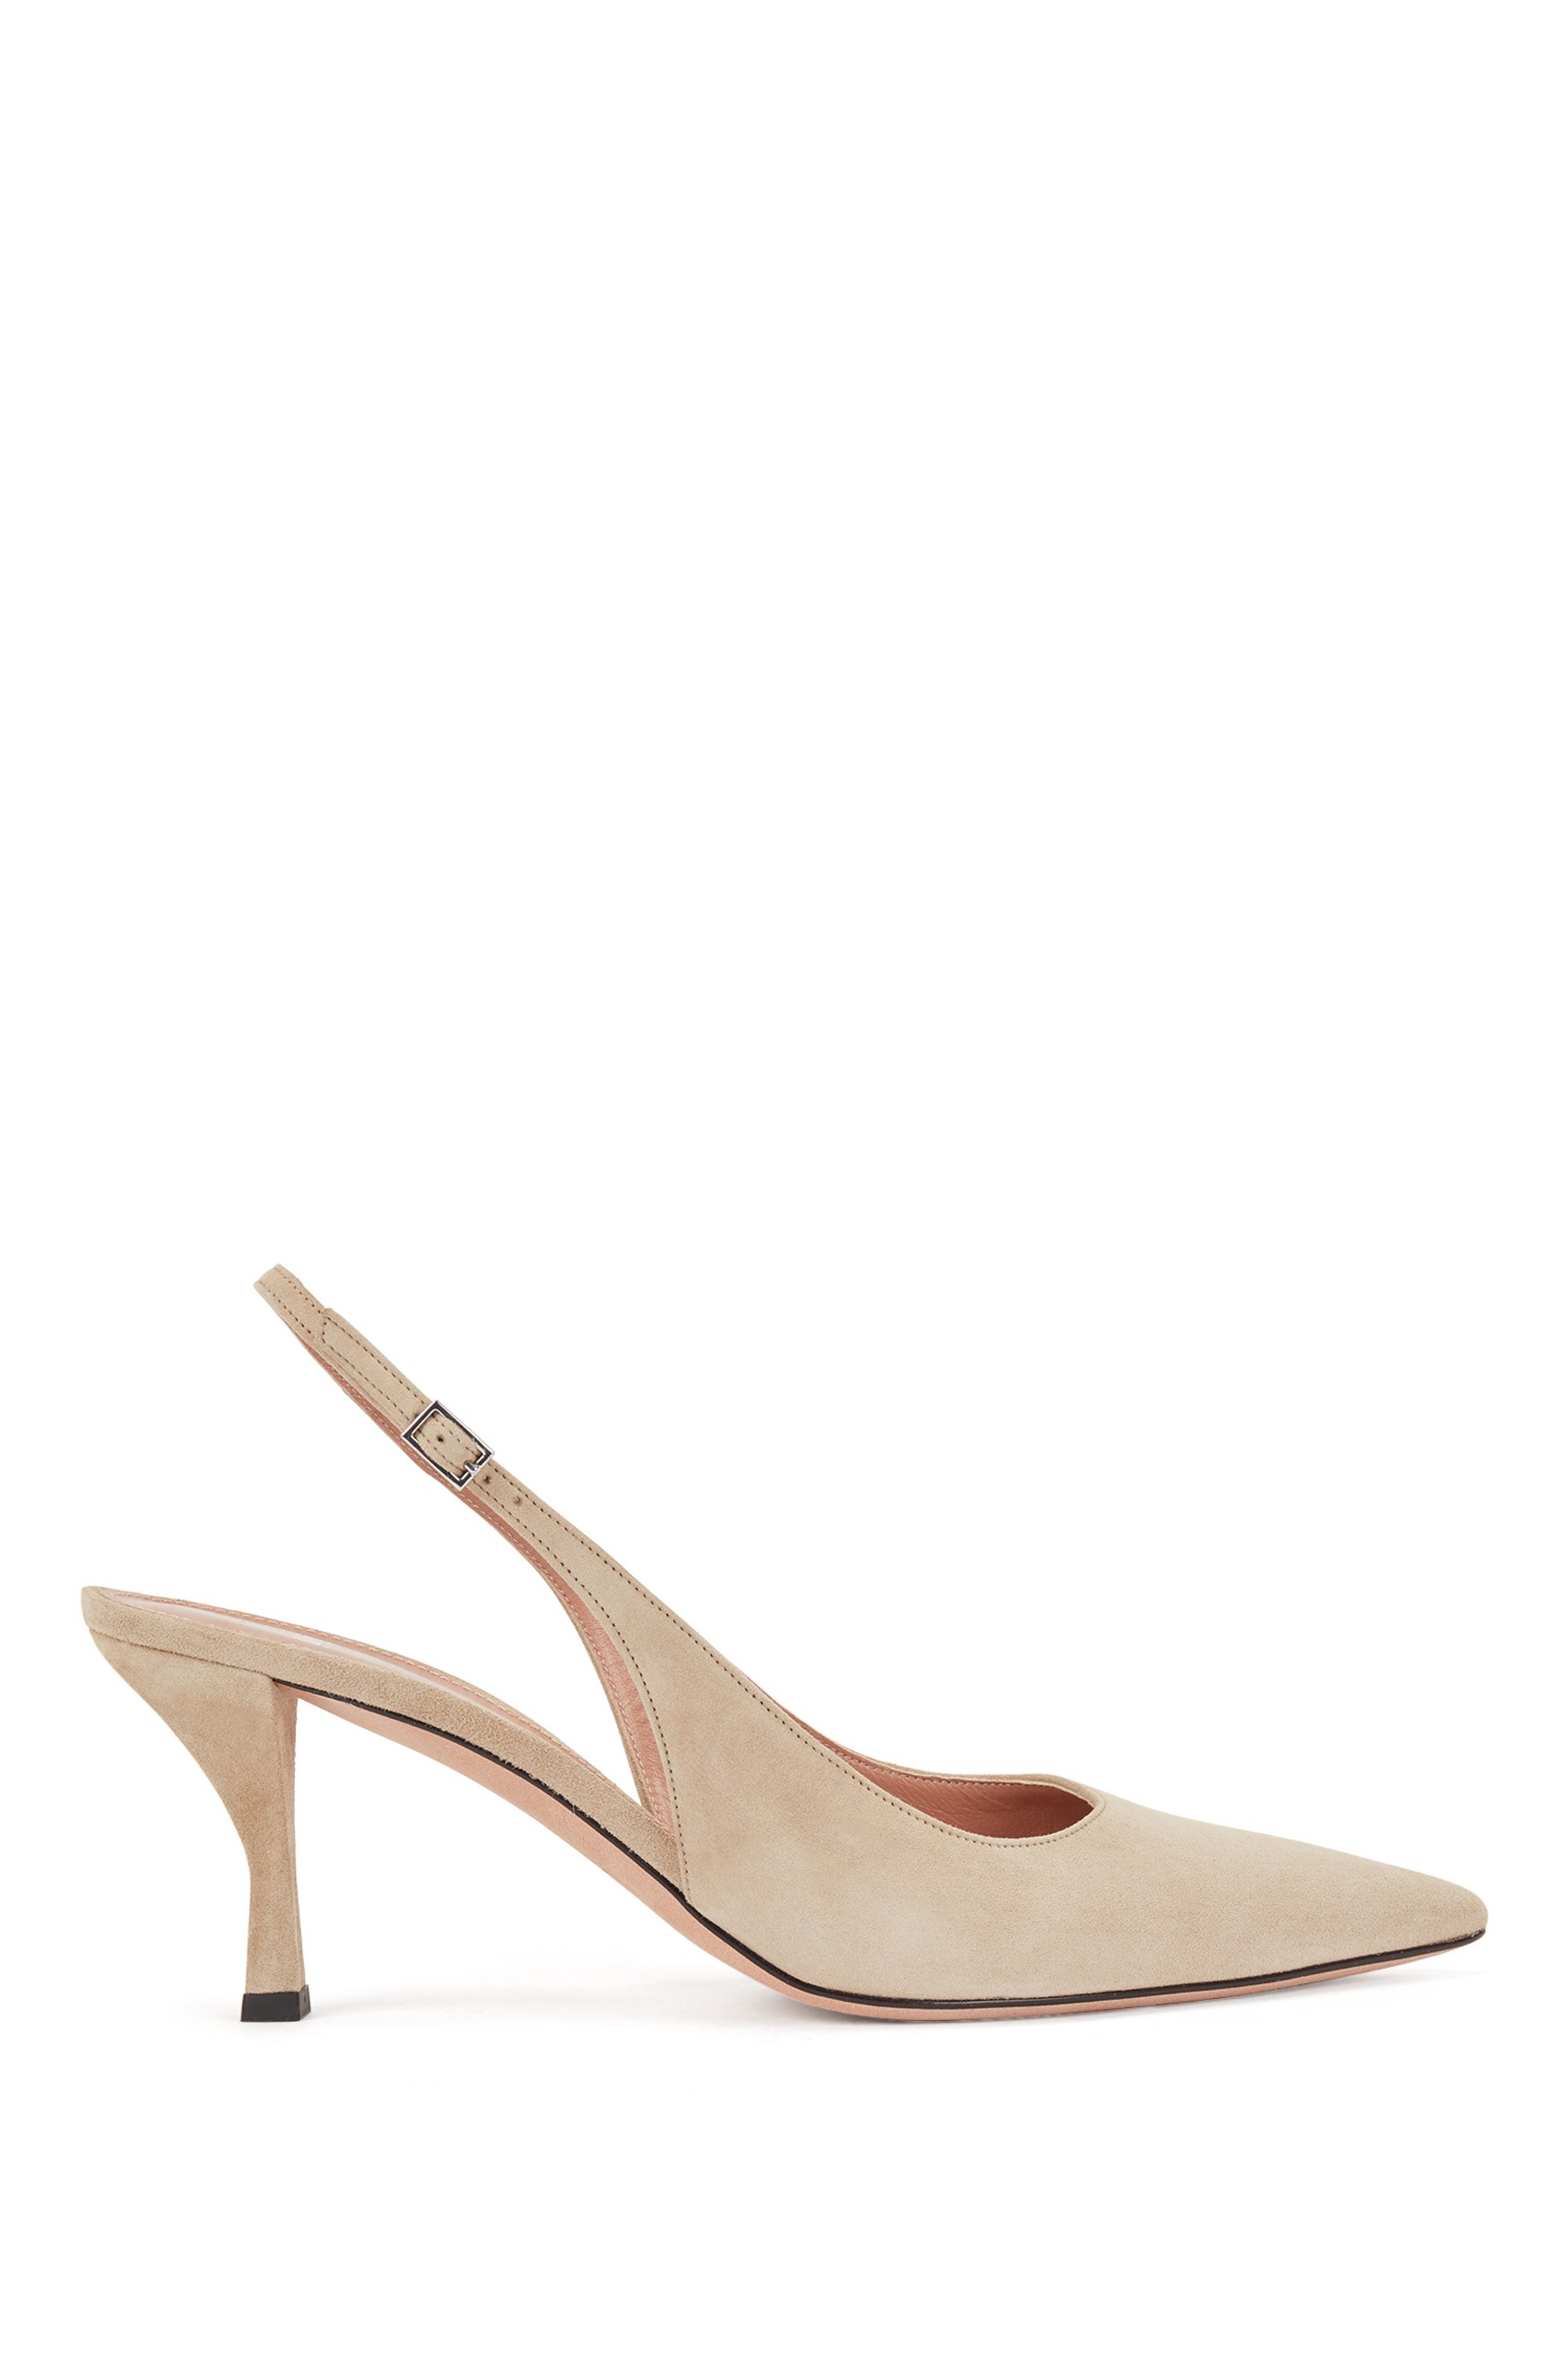 Chaussures à talon ouvert en cuir suédé italien, à bout pointu, Beige